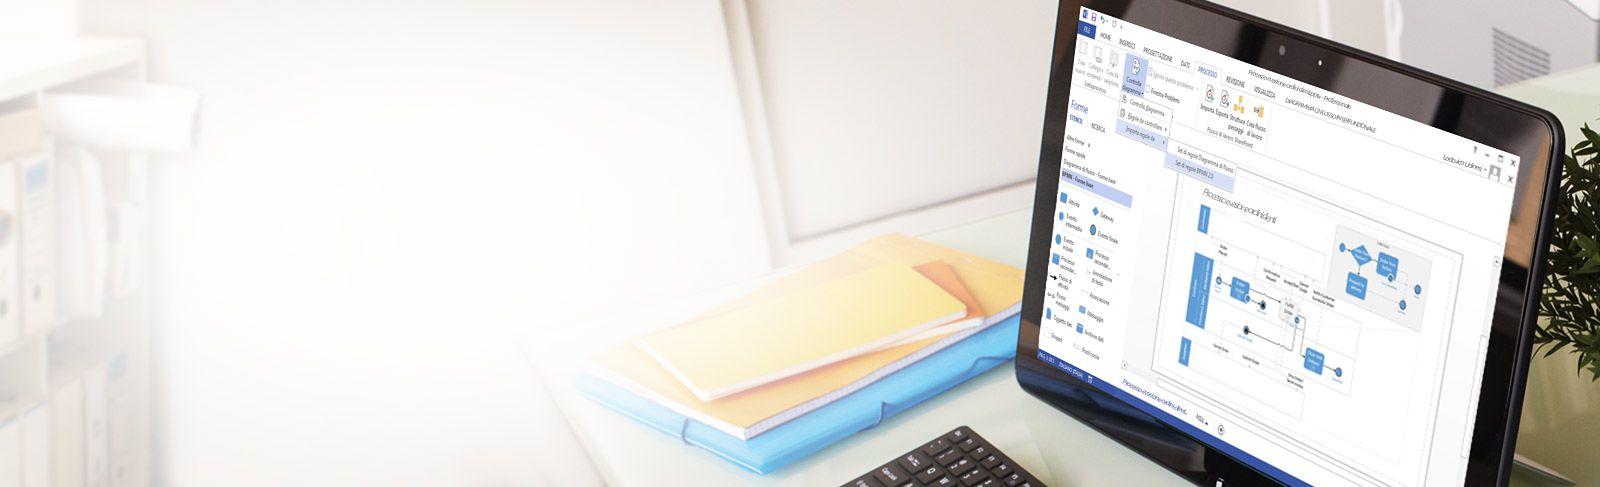 Primo piano di un tablet su un tavolo, con un diagramma di Visio, la barra multifunzione di modifica e un riquadro.